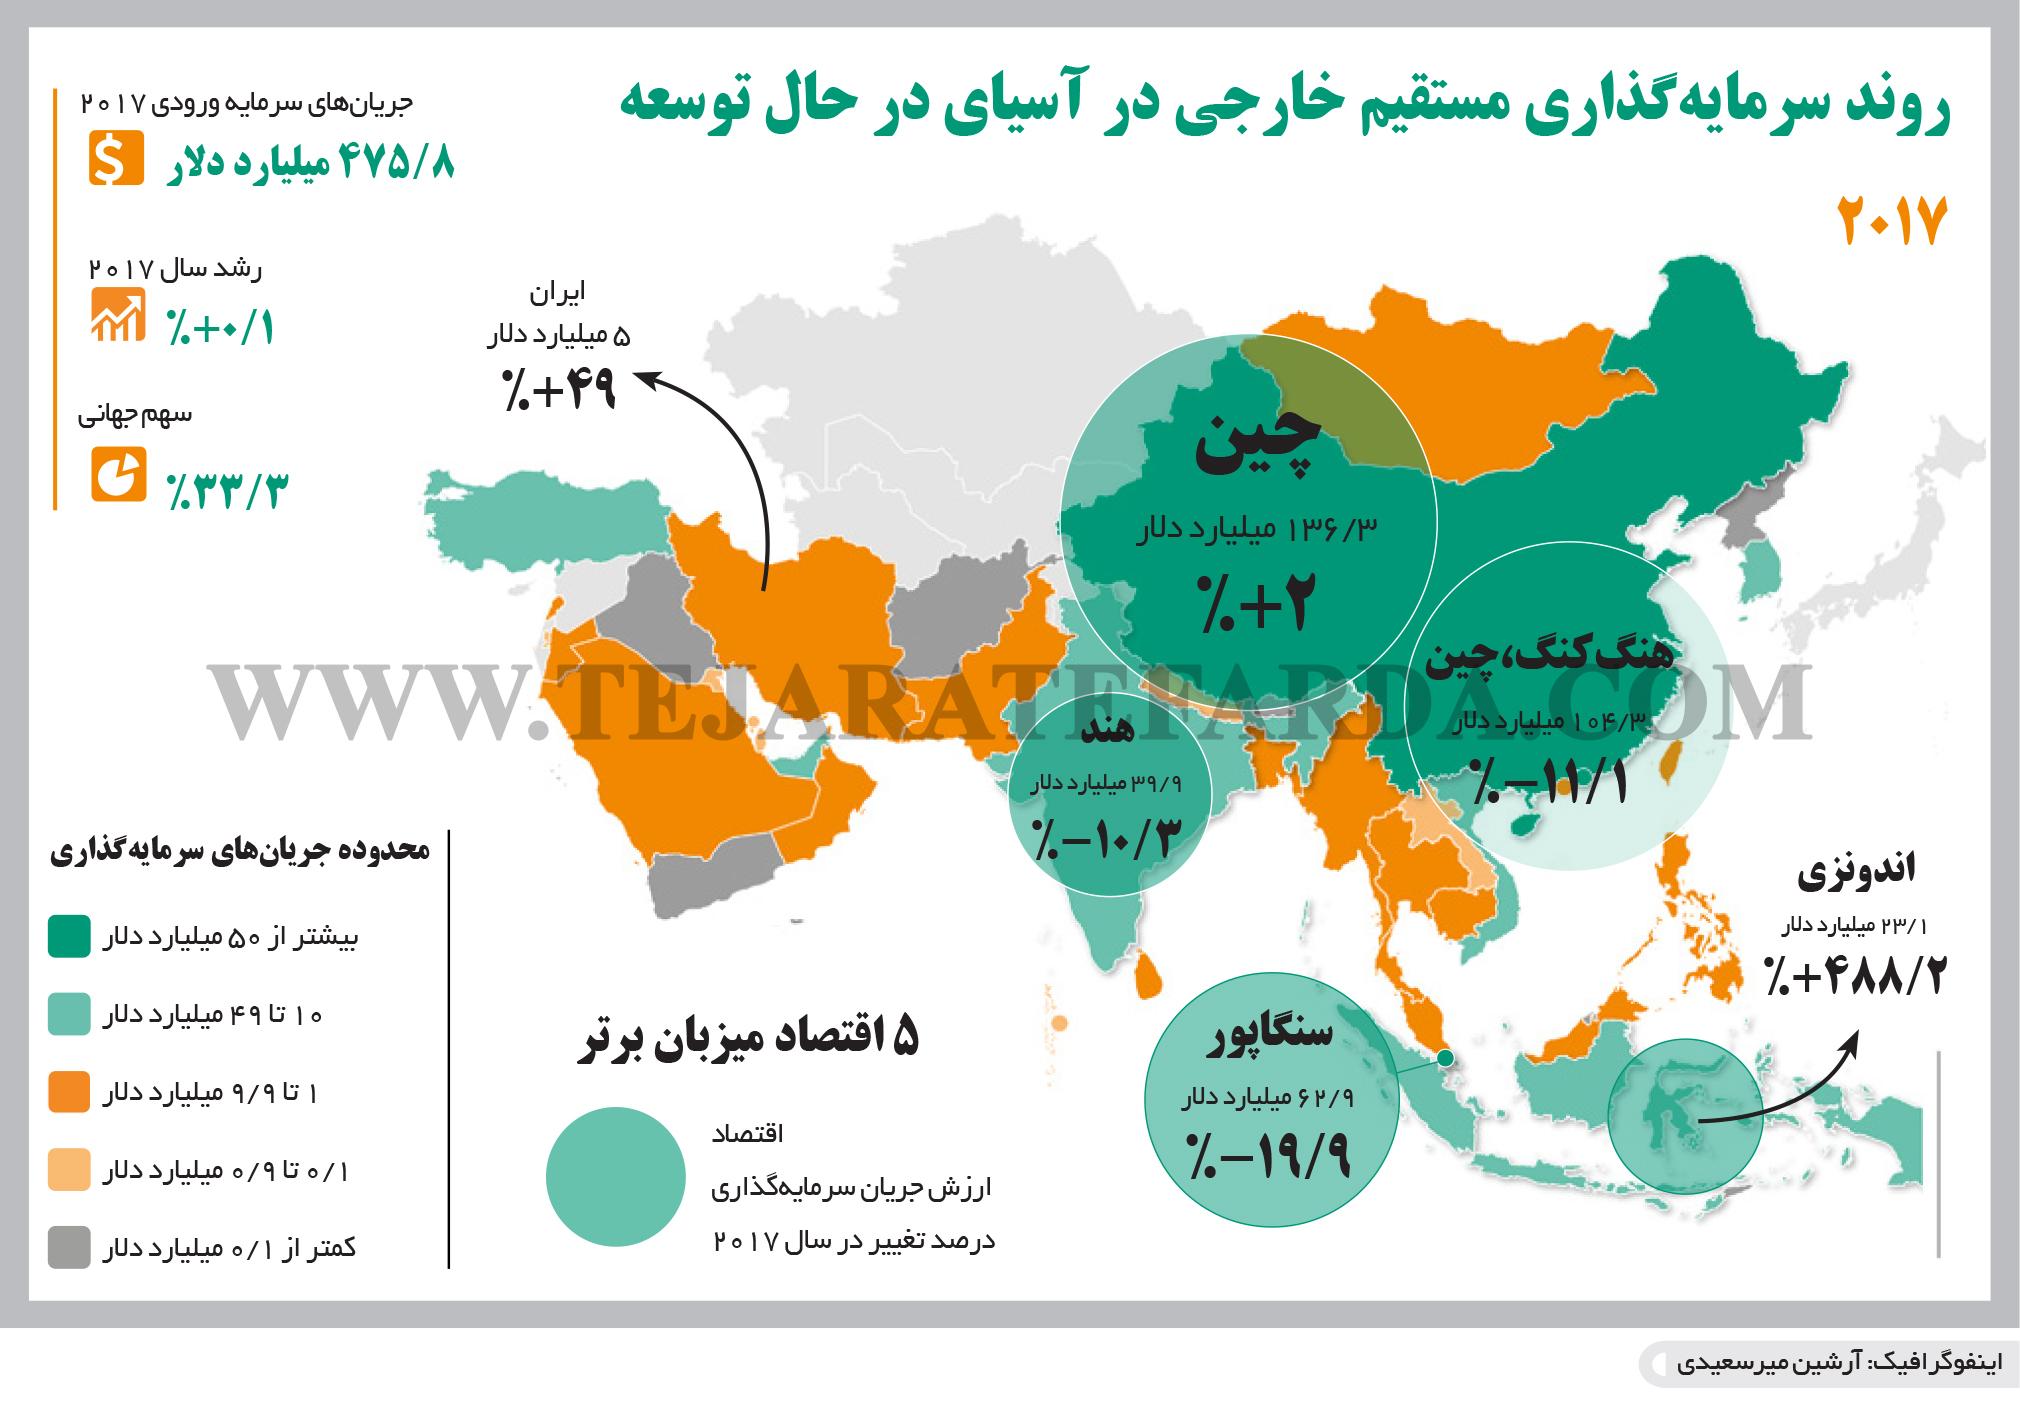 تجارت- فردا- روند سرمایهگذاری مستقیم خارجی در آسیای در حال توسعه(اینفوگرافیک)